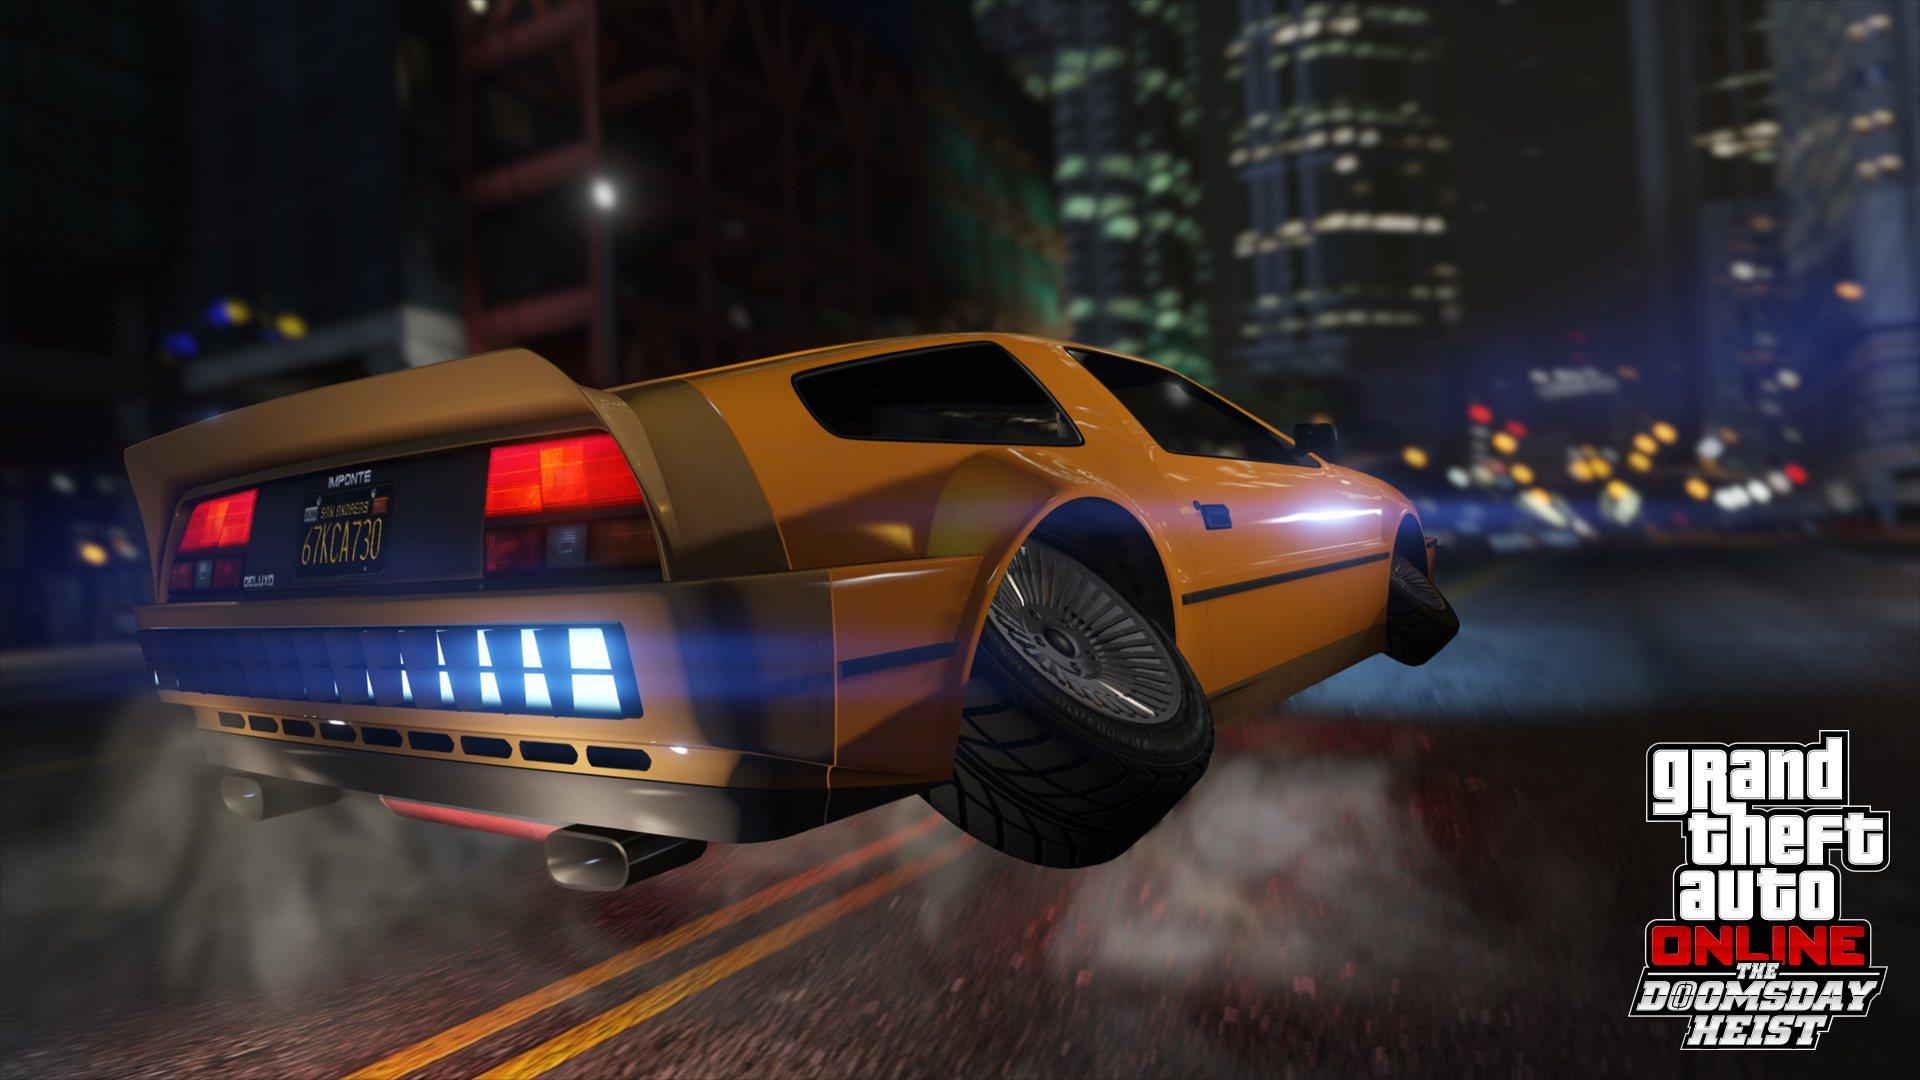 Grand Theft Auto V Steam CD Key | Kinguin - FREE Steam Keys Every